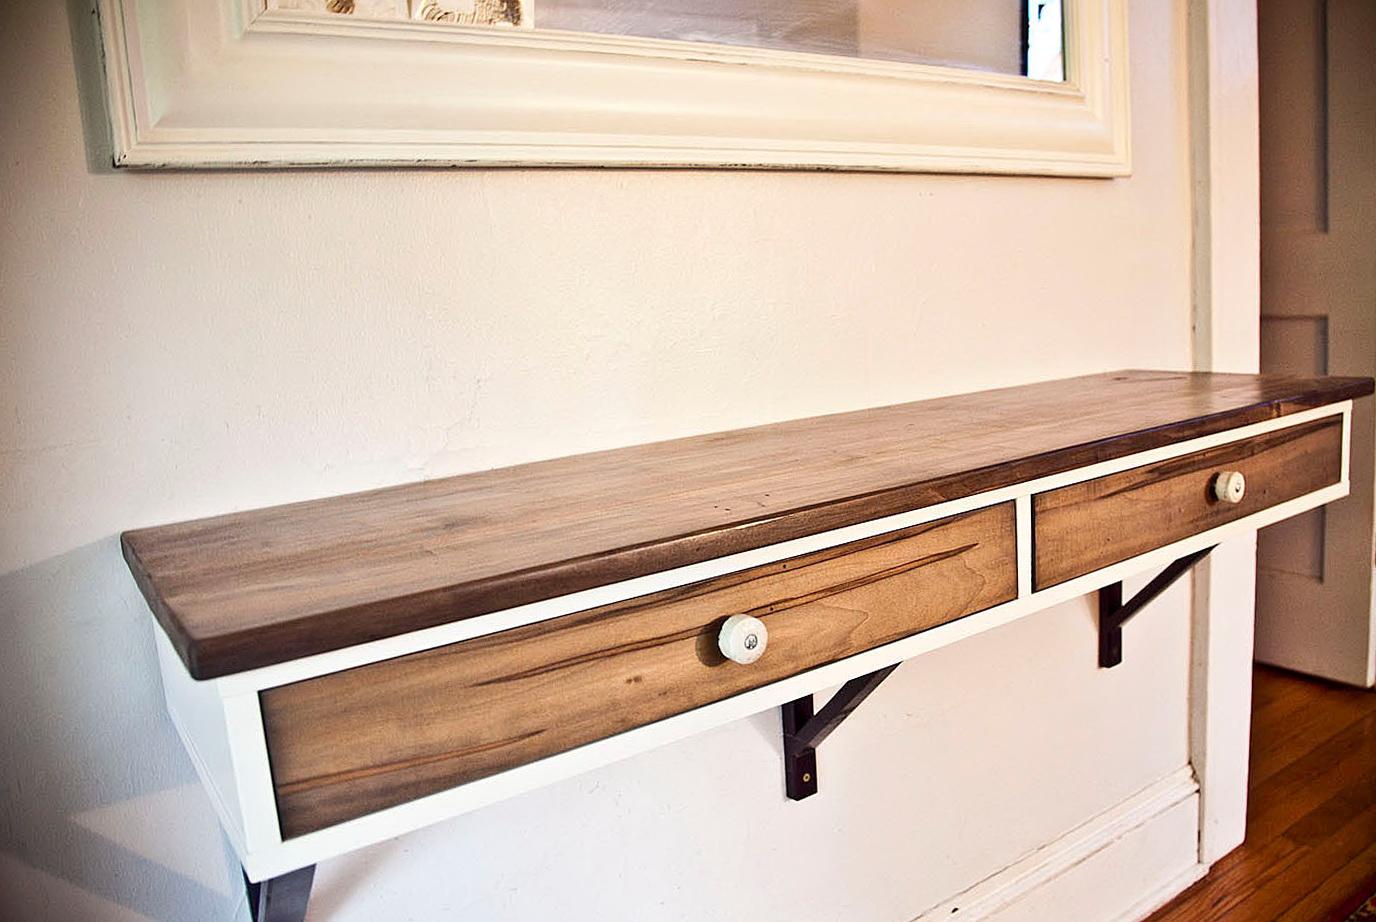 Ikea Wall Shelf With Drawers Wall Shelves 13275 Home